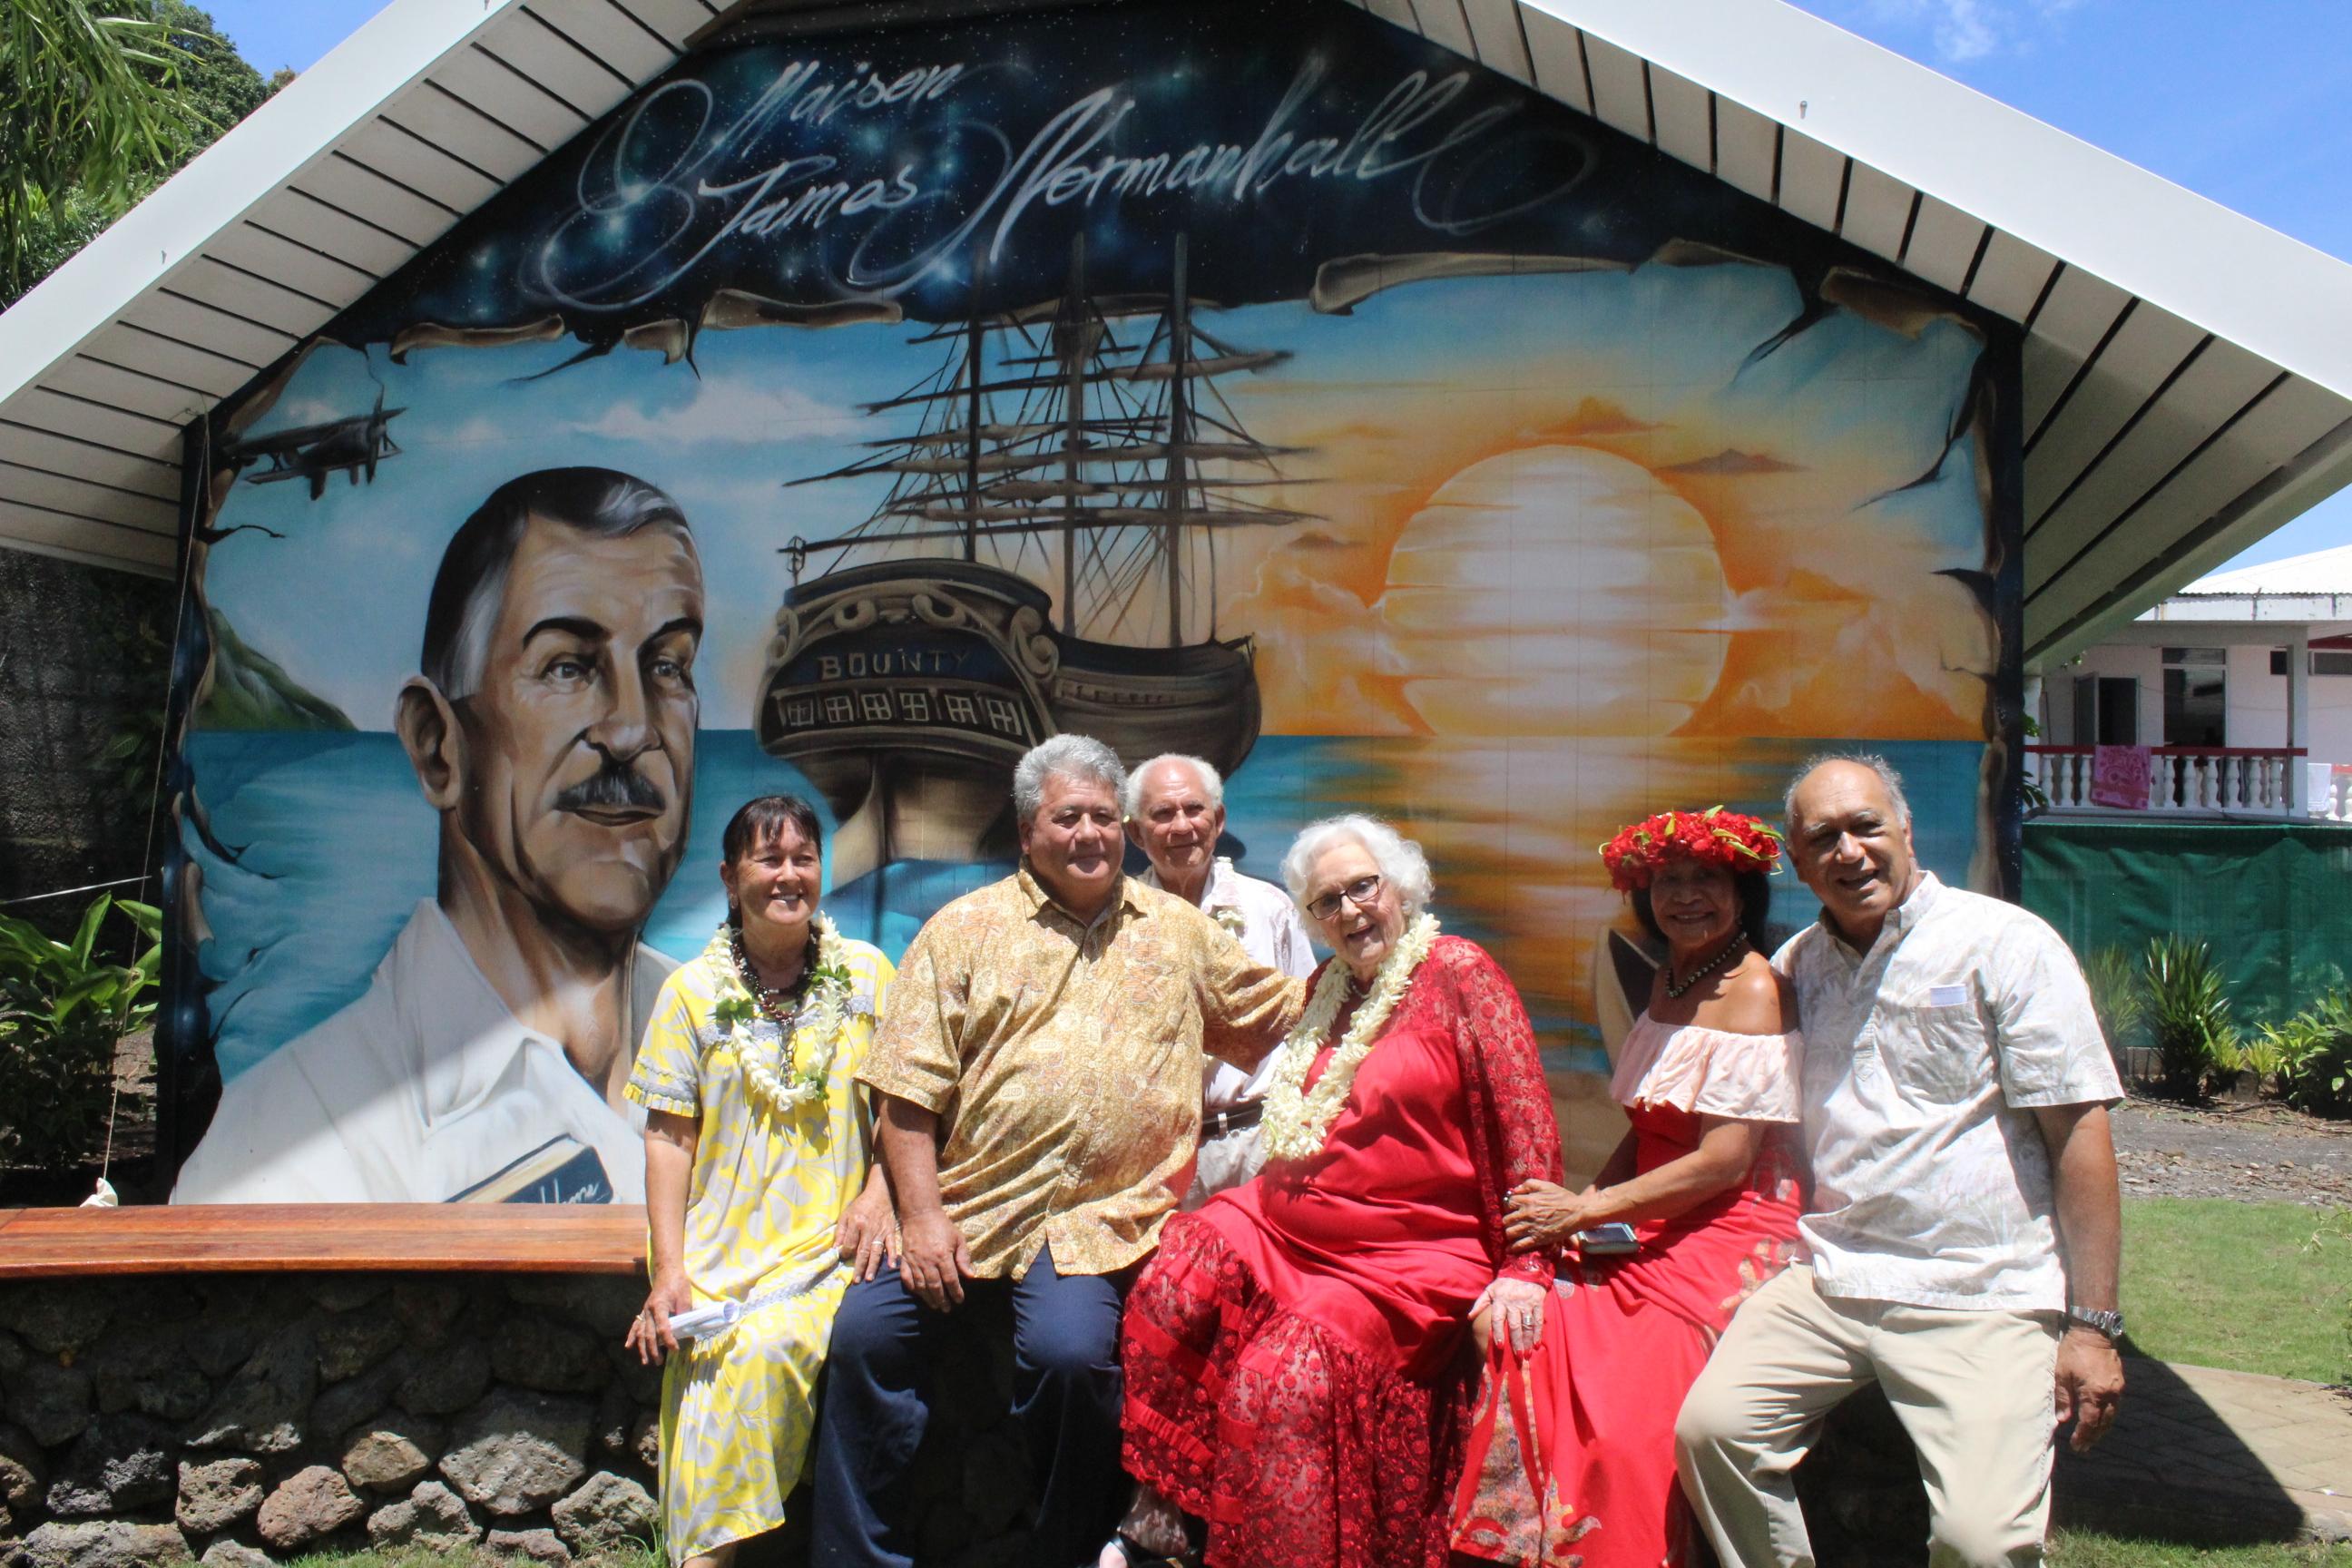 Nancy Hall-Rutgers, en robe rouge, entourée de ses proches devant la fresque représentant son père, James Norman Hall.